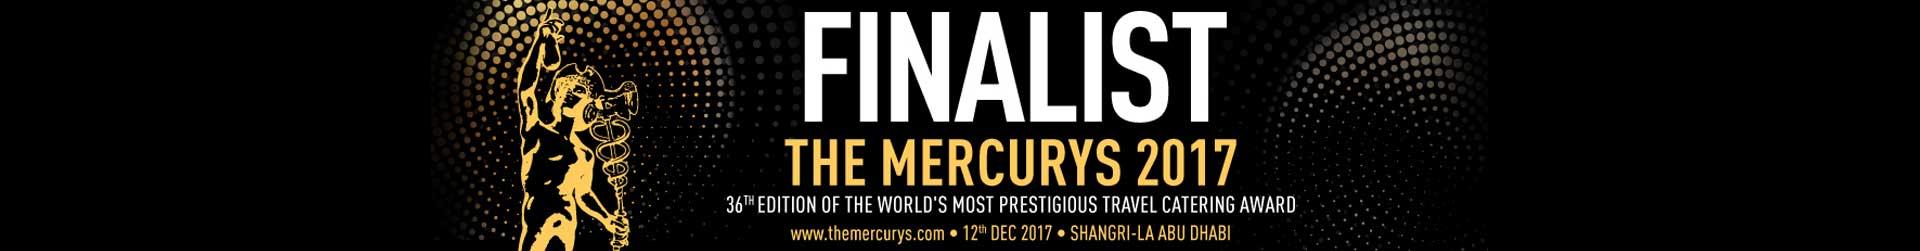 finalist-banner-mercury-2017